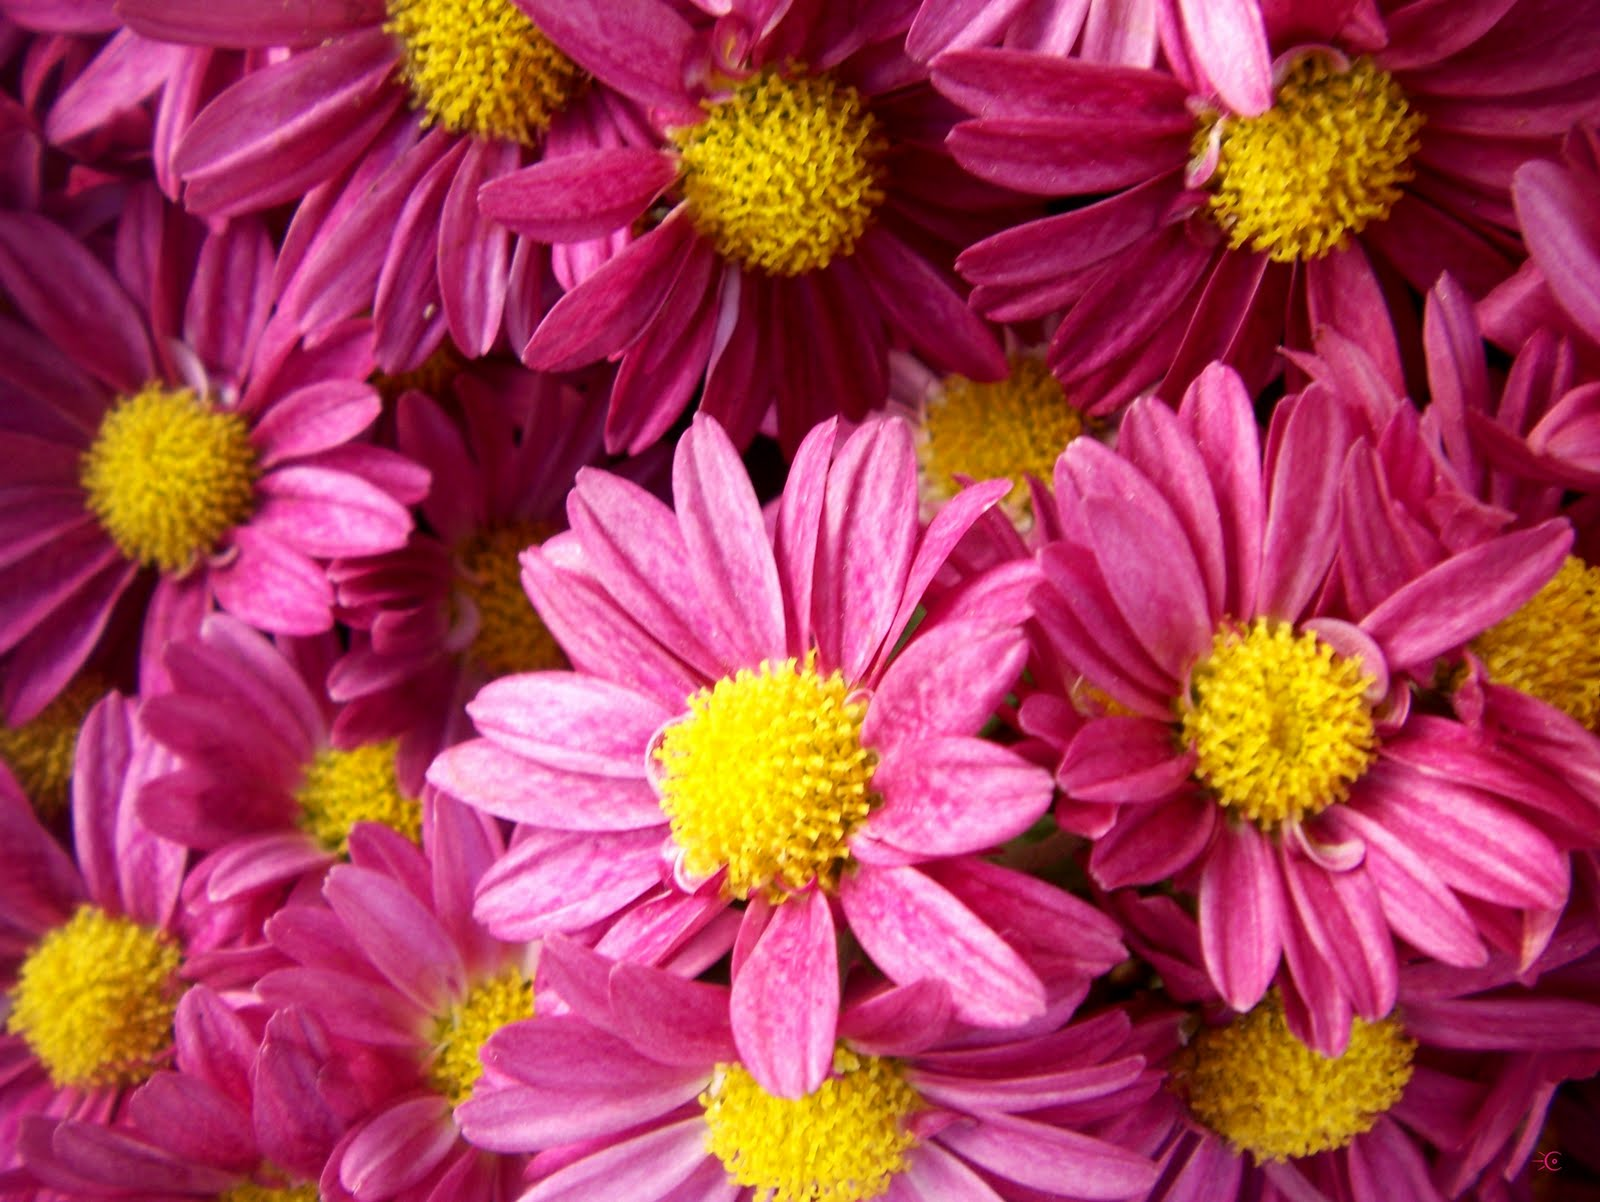 Wallpapernarium flores bonitas - Fotos de rosas de colores ...